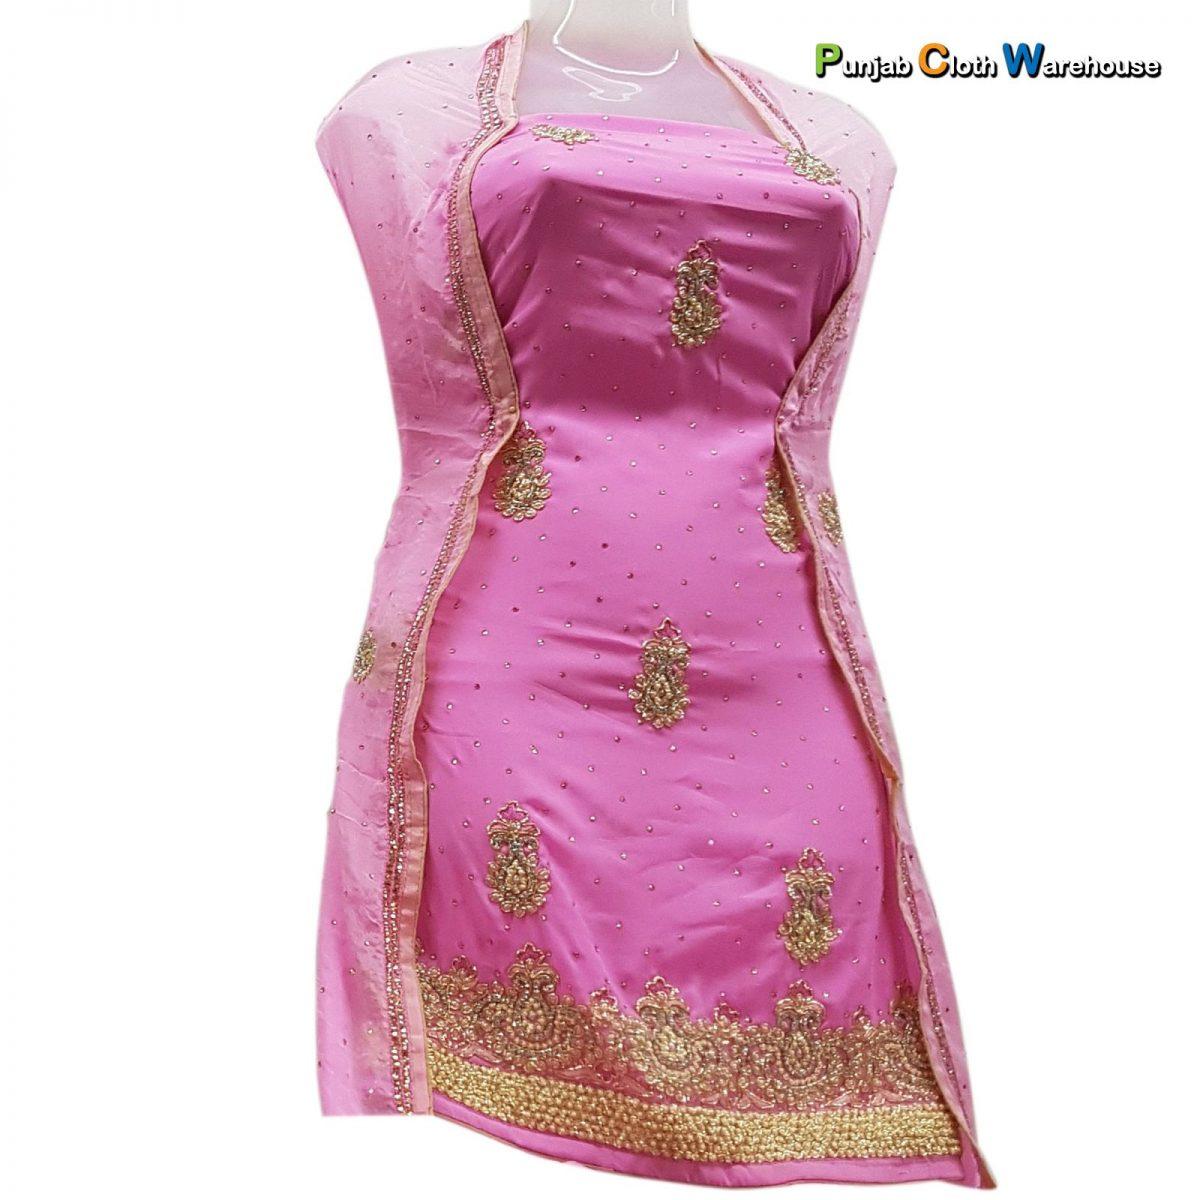 Ladies Suits - Cut Piece - Punjab Cloth Warehouse, Surrey (7)